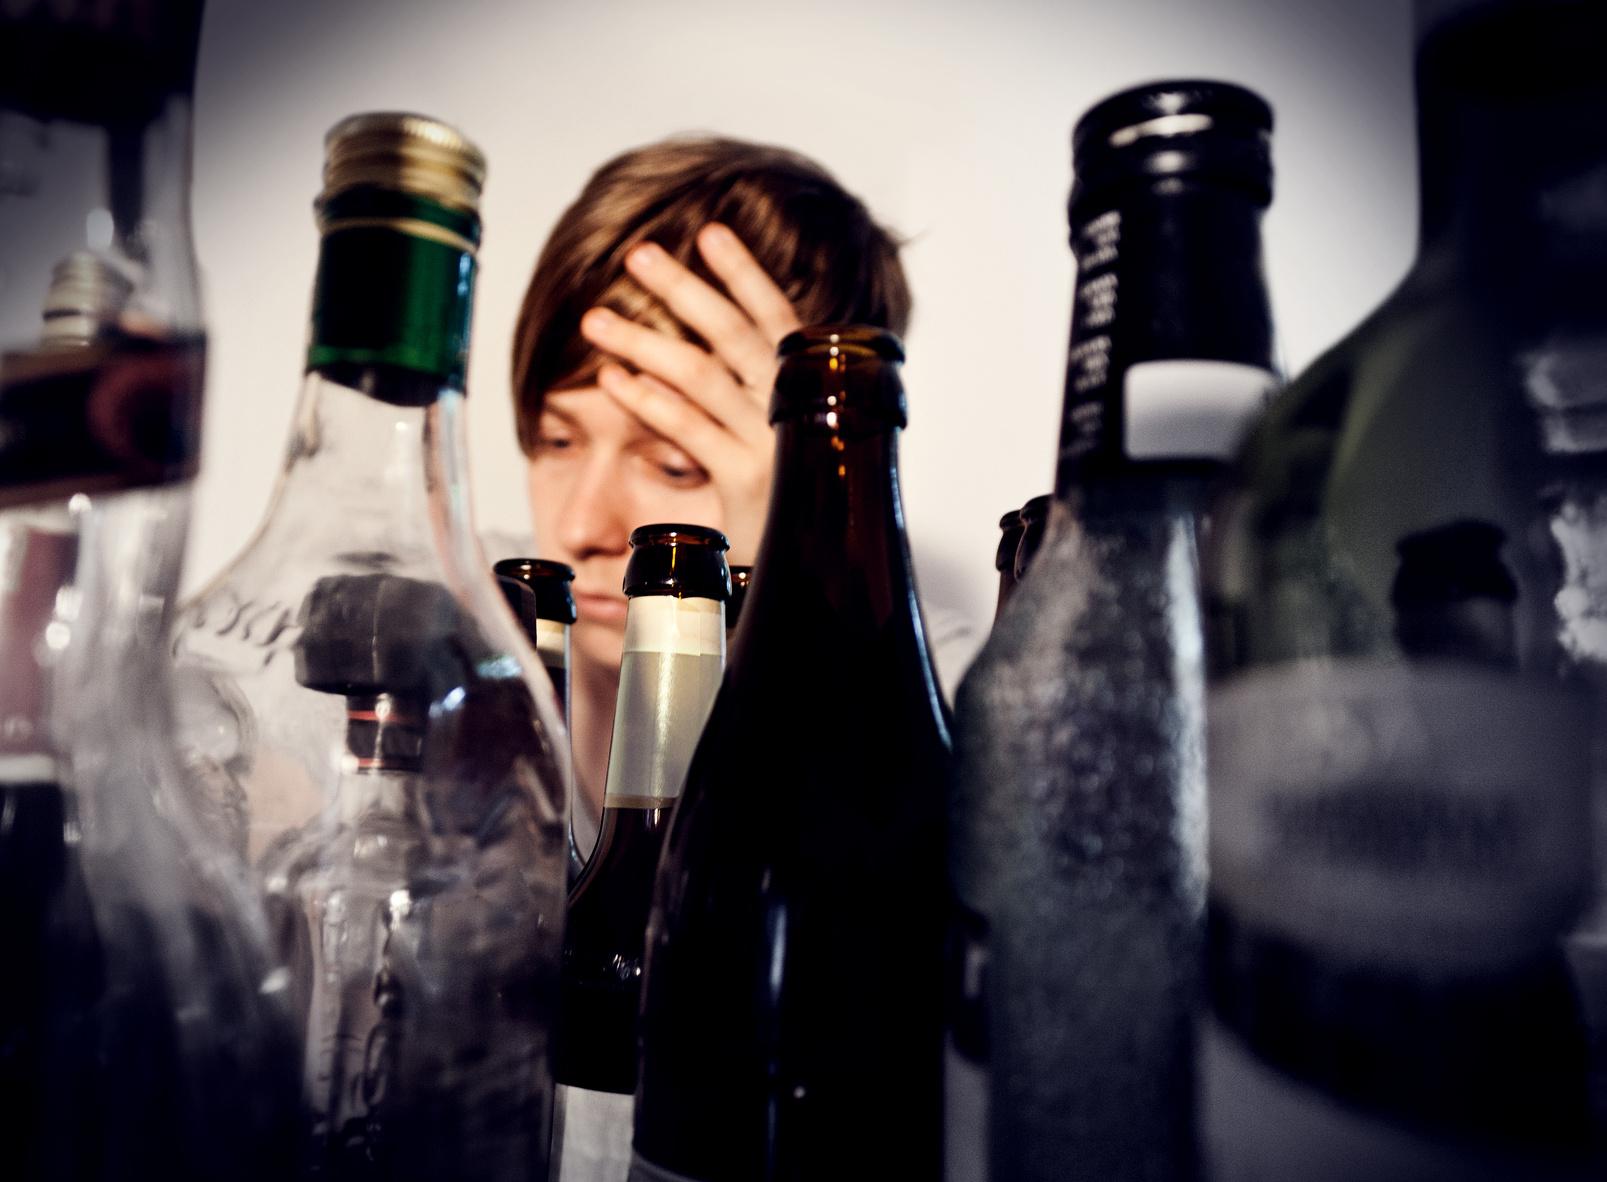 Studenten lassen 19-Jährigen nach Trinkspiel sterben